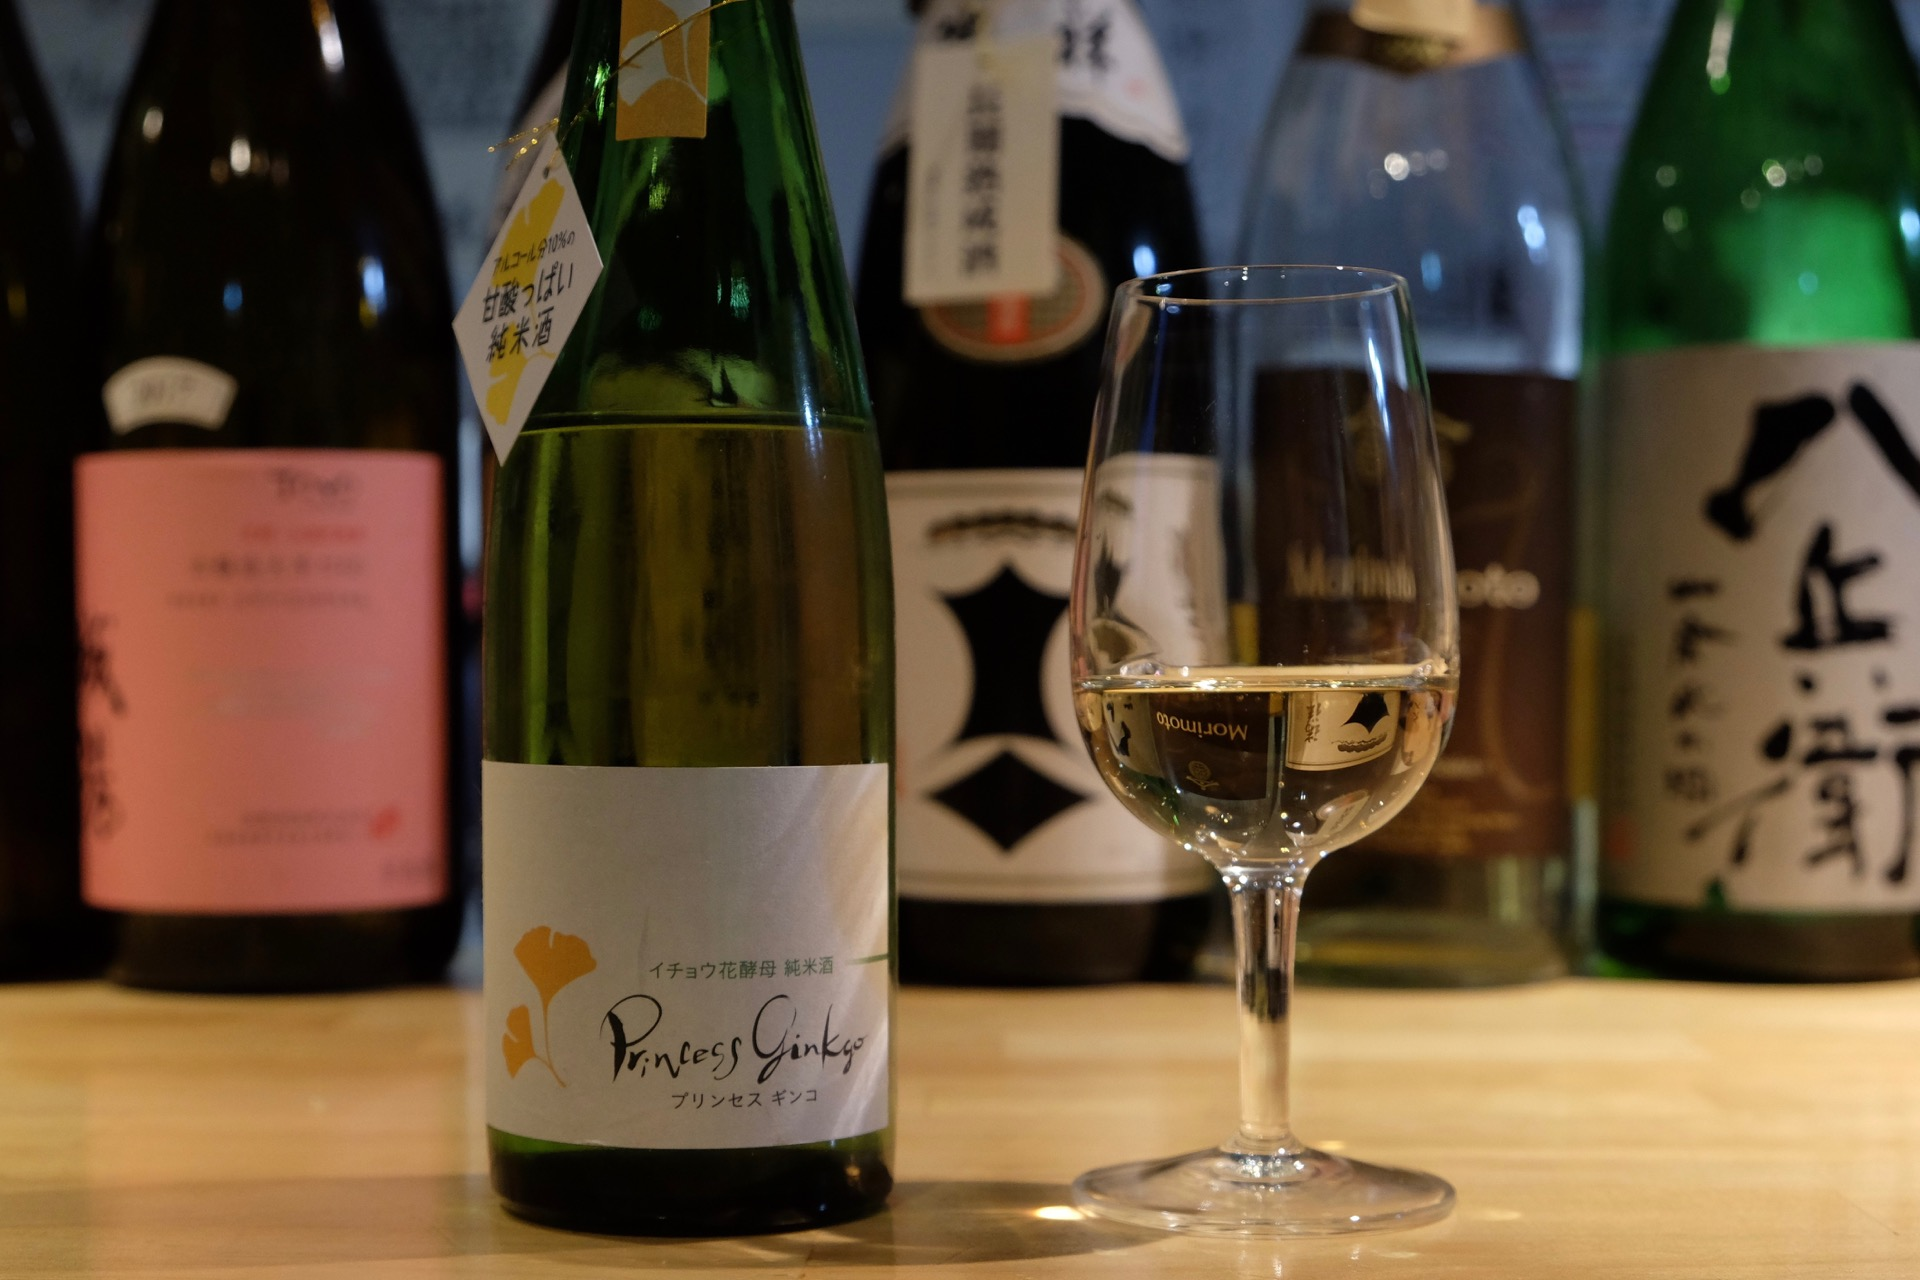 イチョウ花酵母 純米酒 プリンセス ギンコ|日本酒テイスティングノート